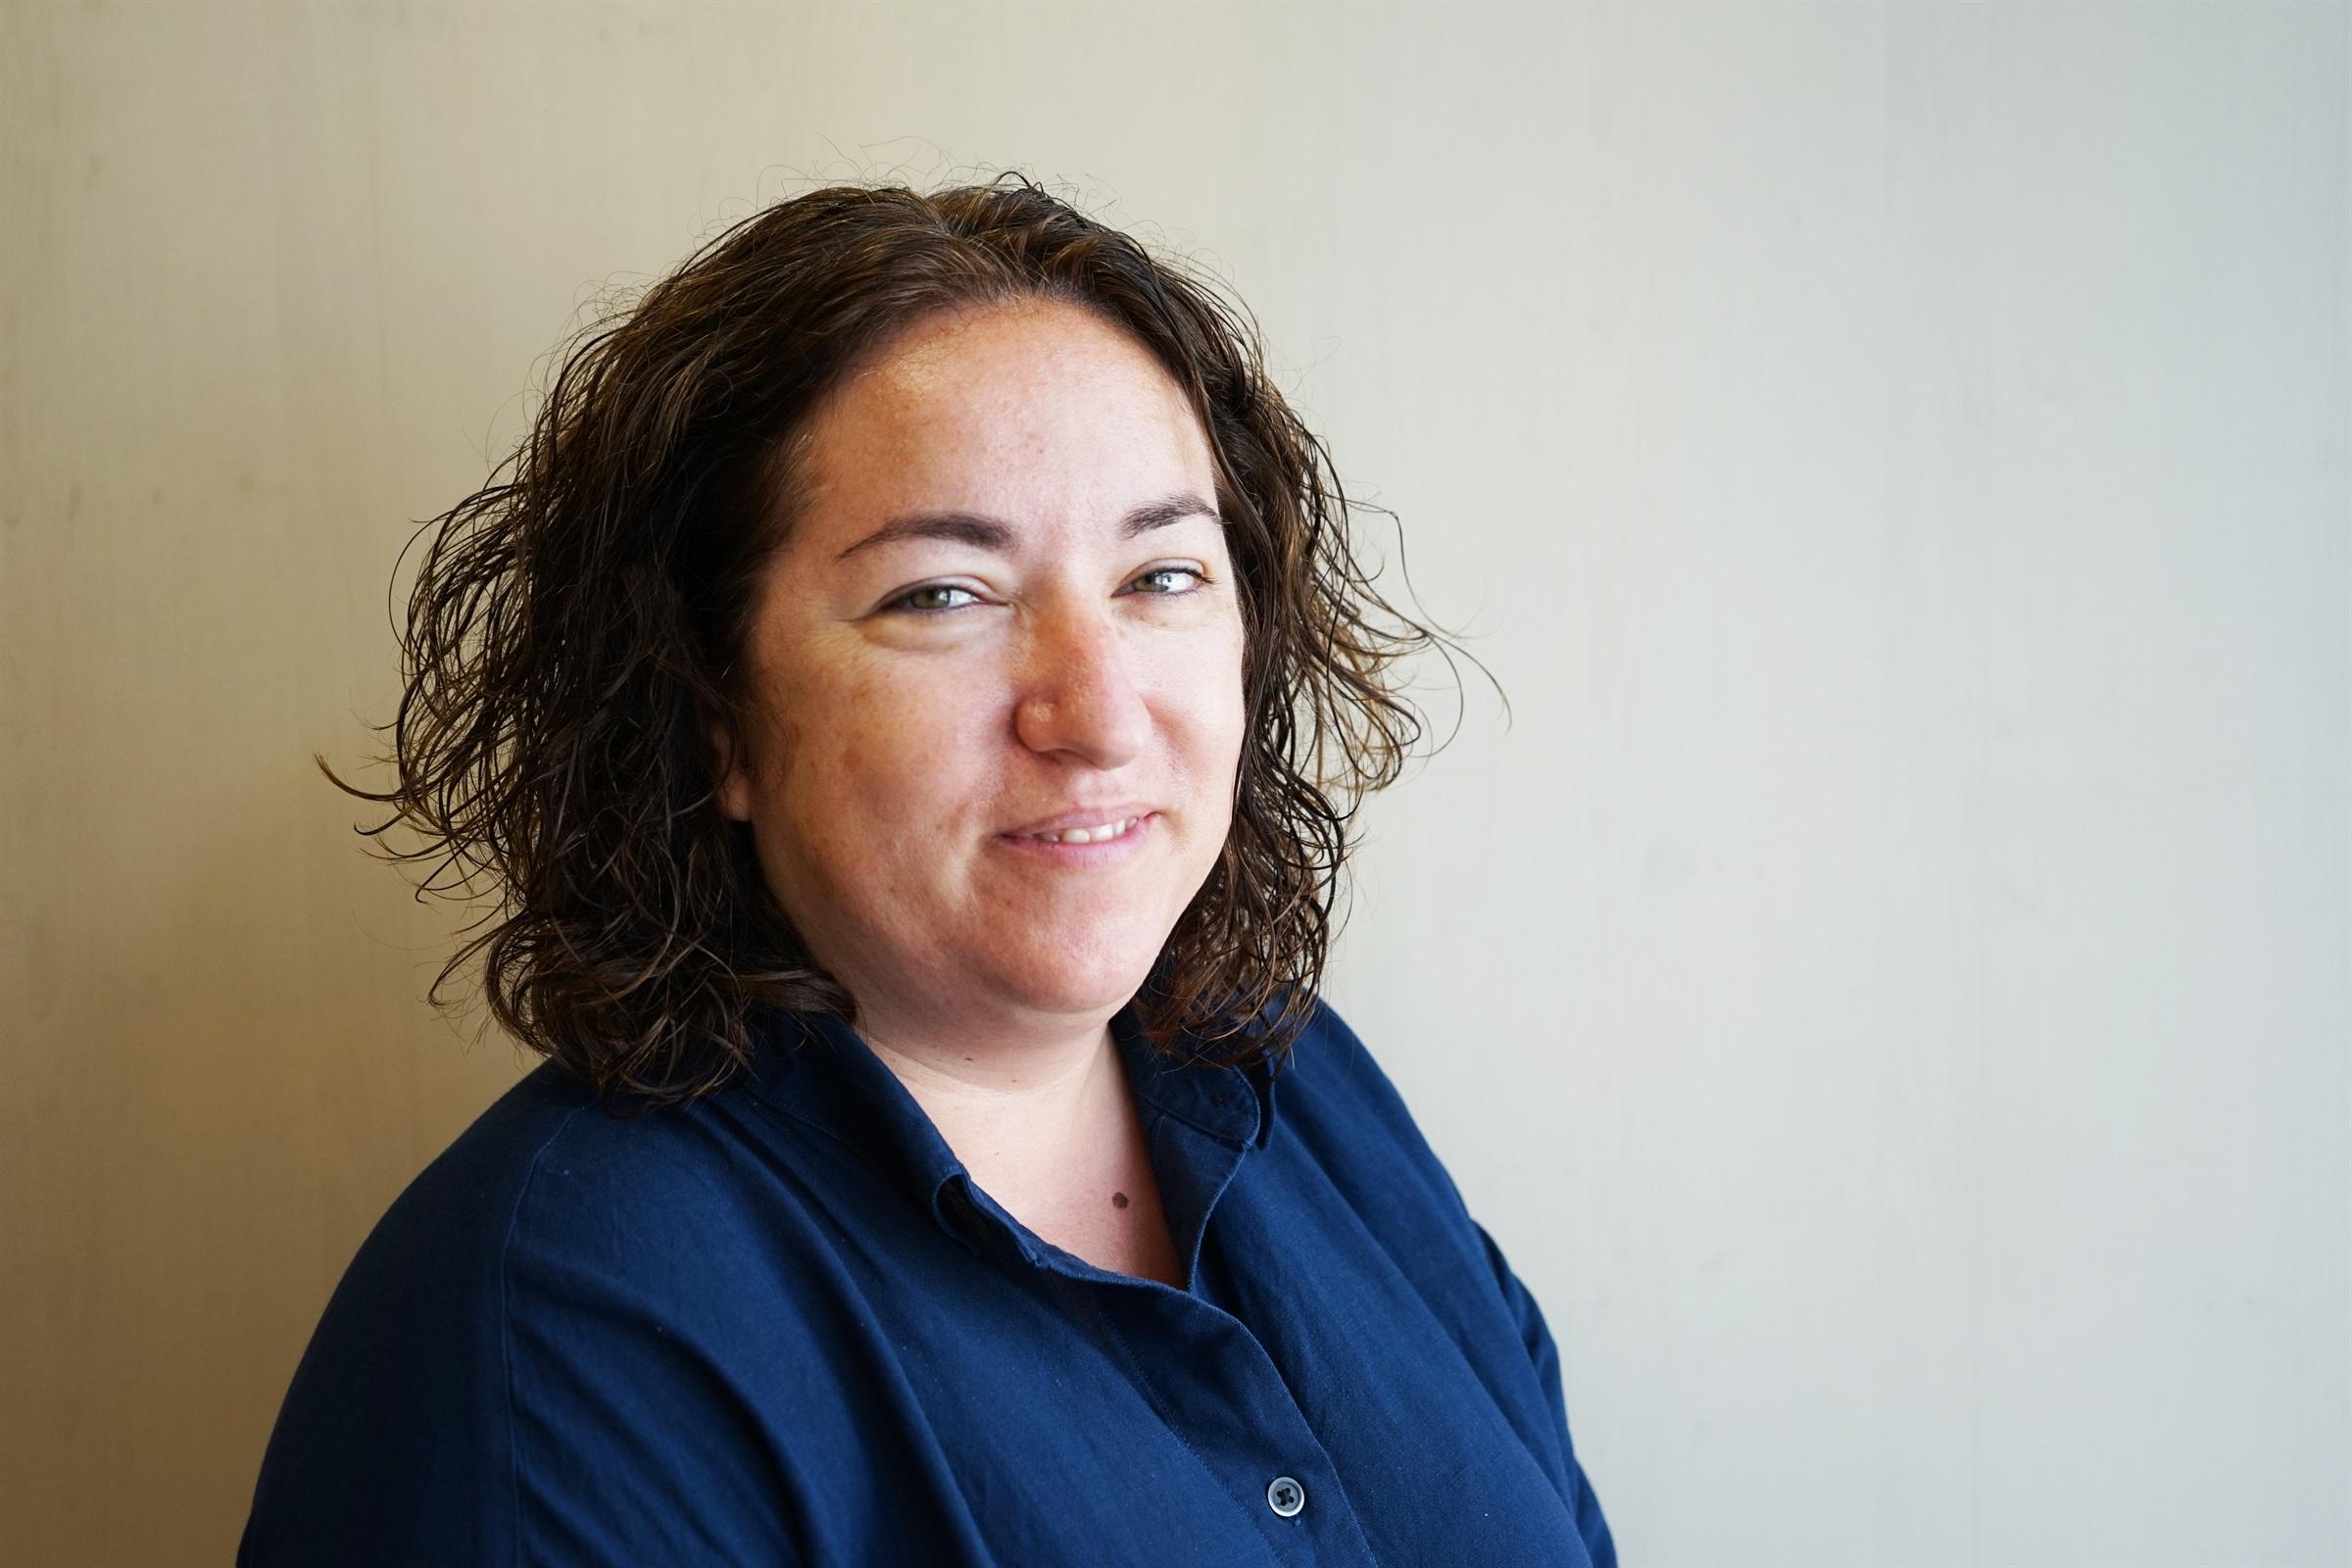 """Montserrat Martínez: """"Sobta que hi hagi una infermera al capdavant del Servei de Medicina Preventiva, però la nostra professió sempre ha estat vinculada a les vacunes"""""""